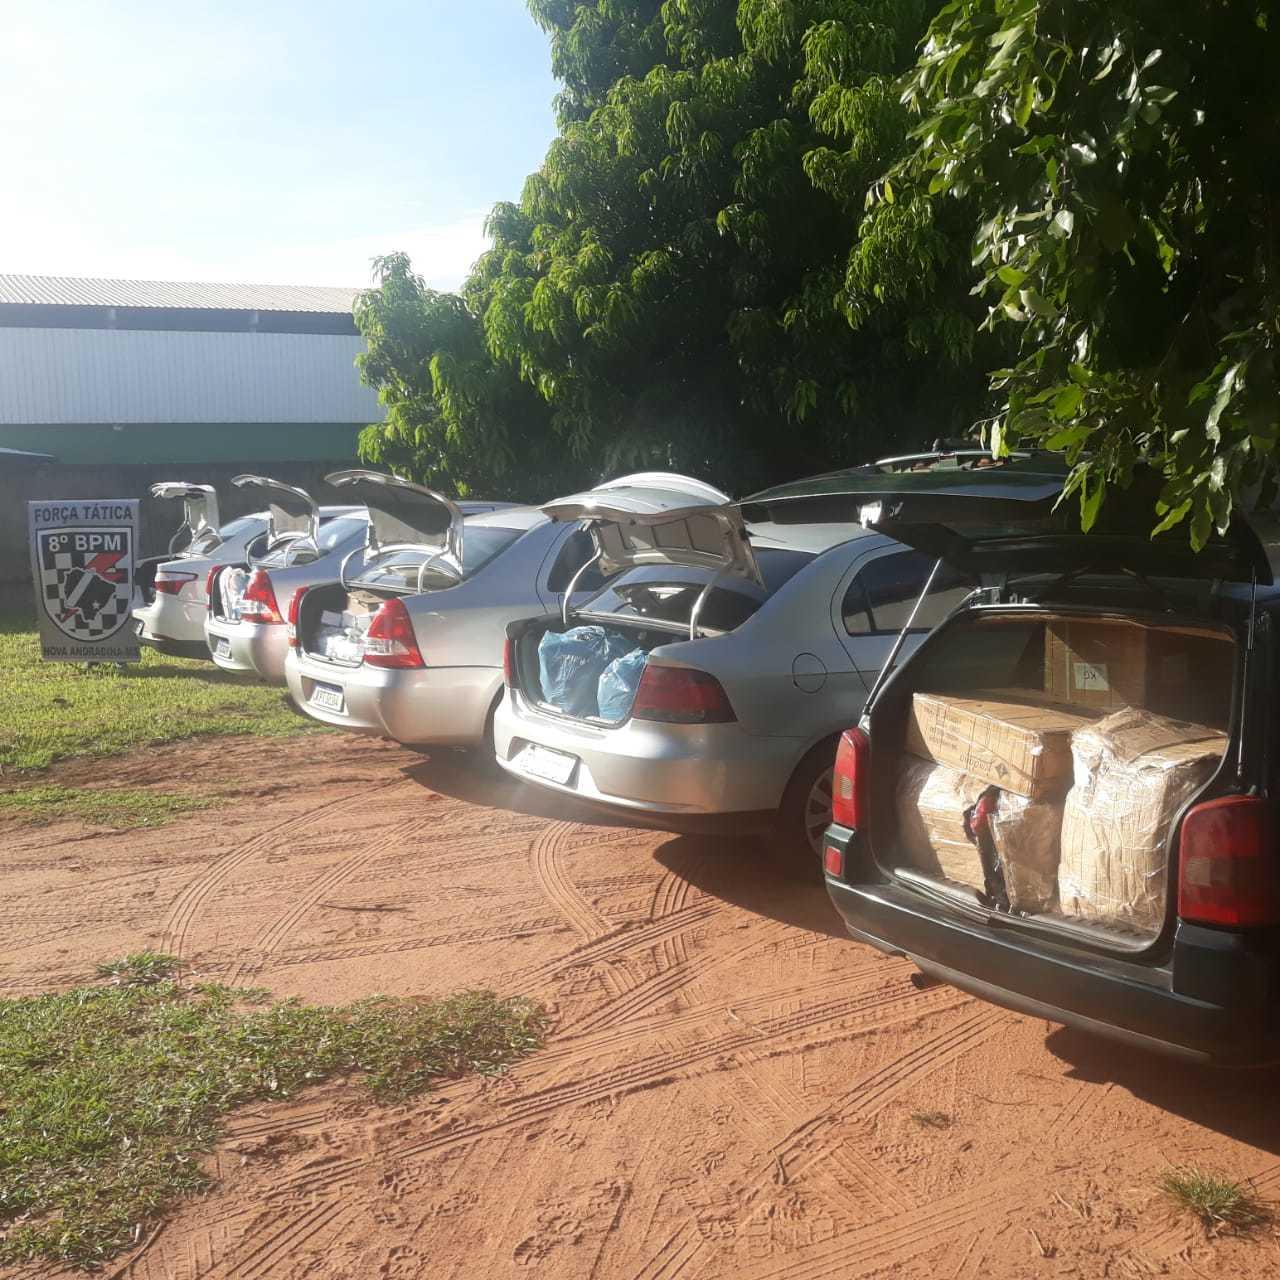 Veículos carregados com mercadorias foram apreendidos pela Polícia Militar. (Foto: Divulgação)